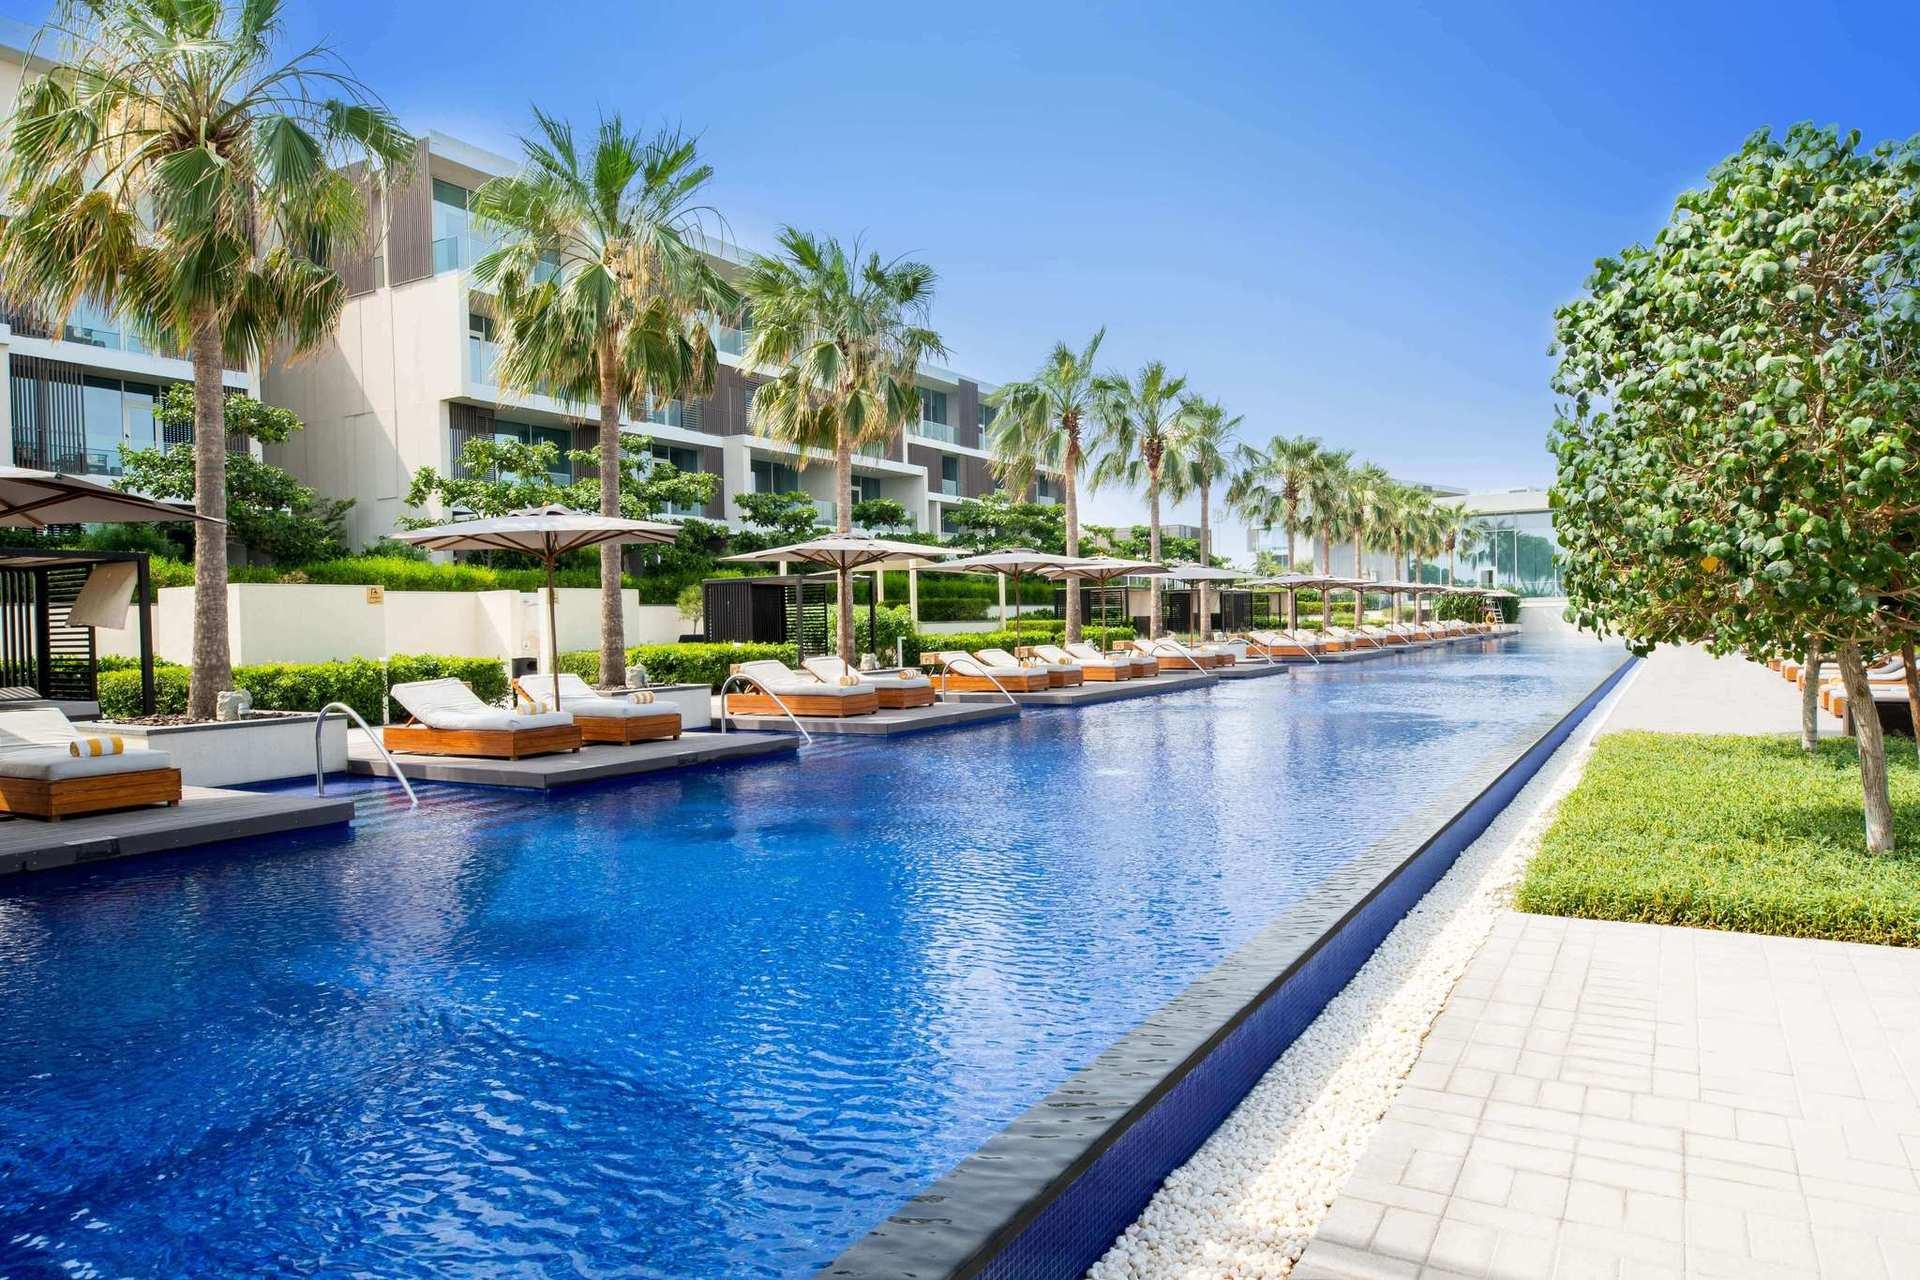 Поплавайте в 85 метровом бассейне или отдохните на природном белоснежном пляже с прозрачными голубыми водами Персидского залива.